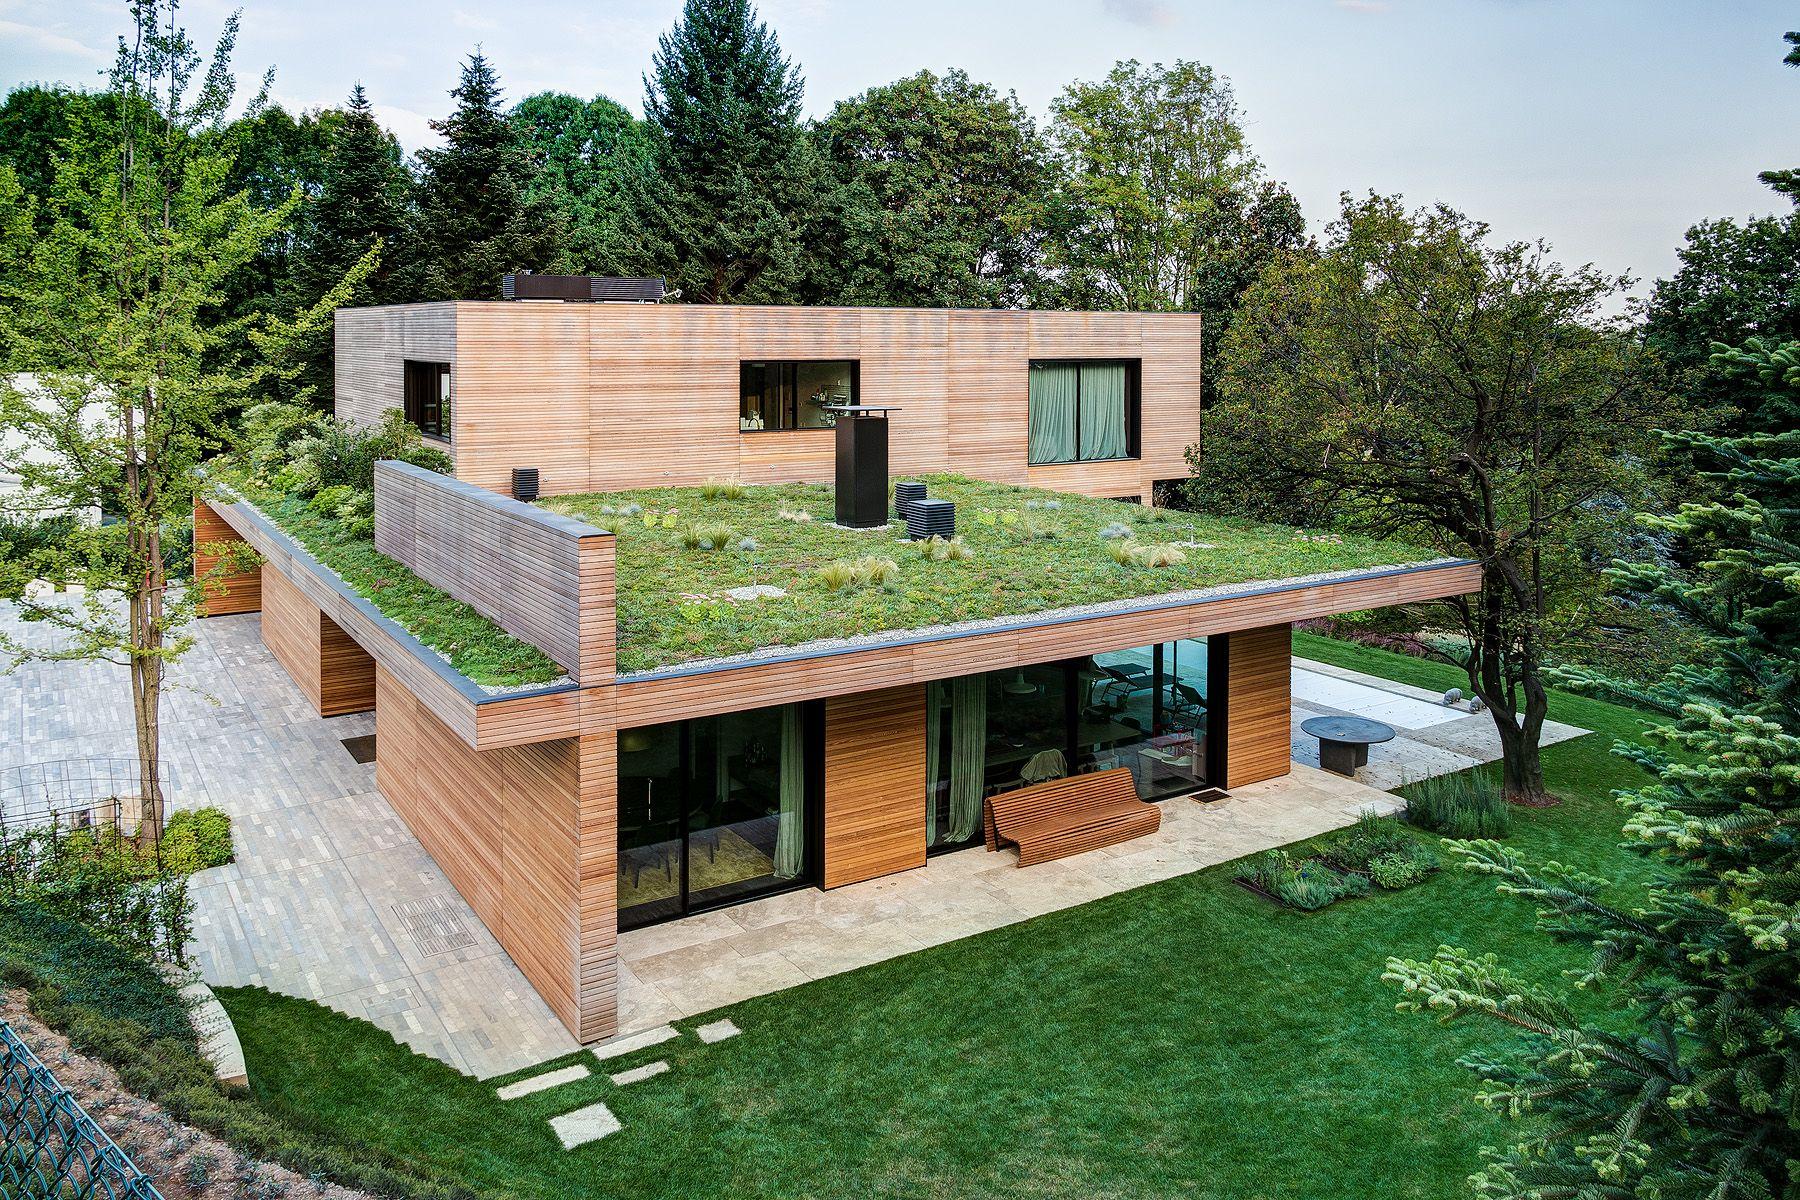 Casa Prefabbricata Design : Villa in legno e casa di design casa prefabbricata in legno di